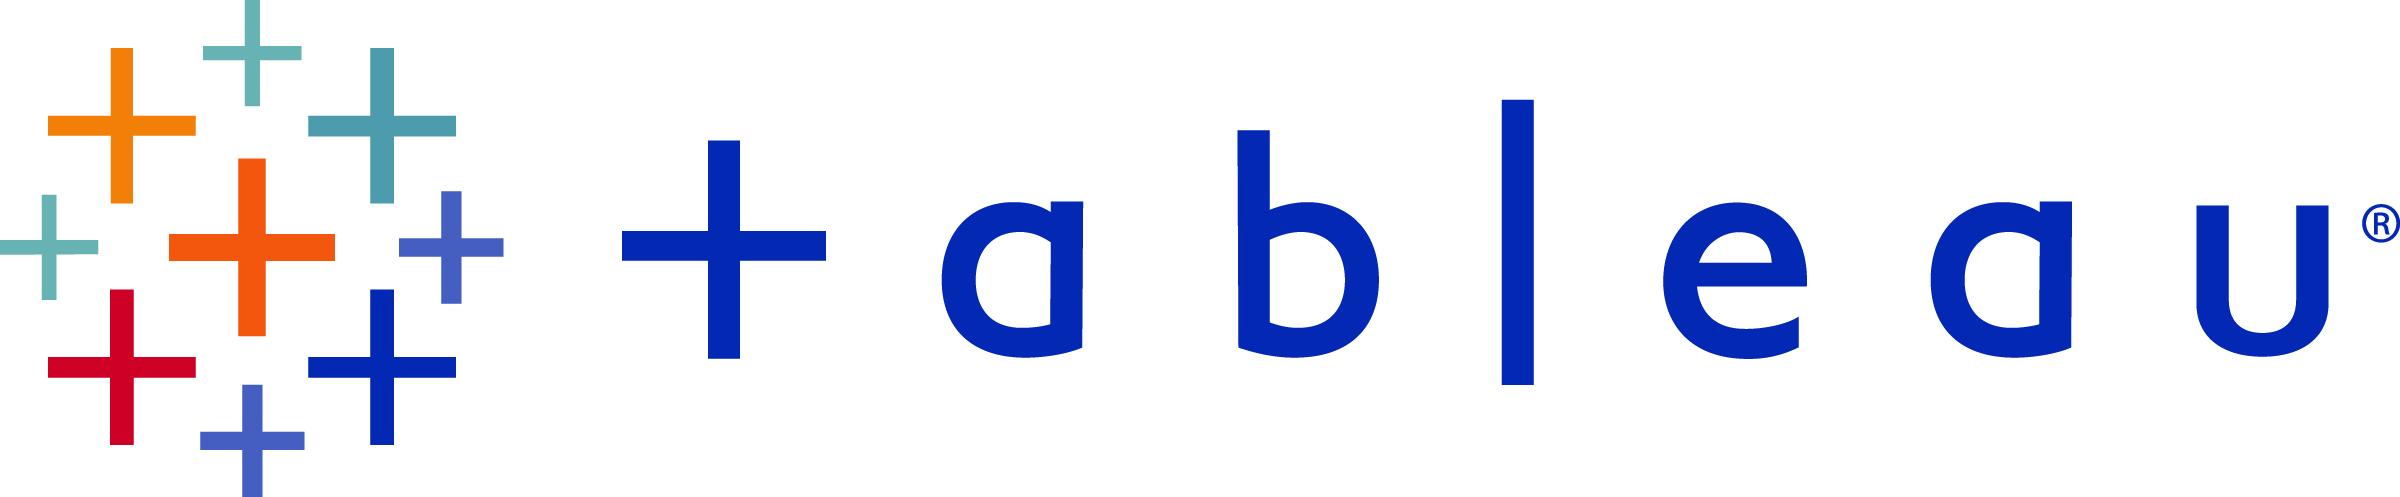 b7d66fbb-84d4-4e61-95c8-8ccf95154c6d.jpg